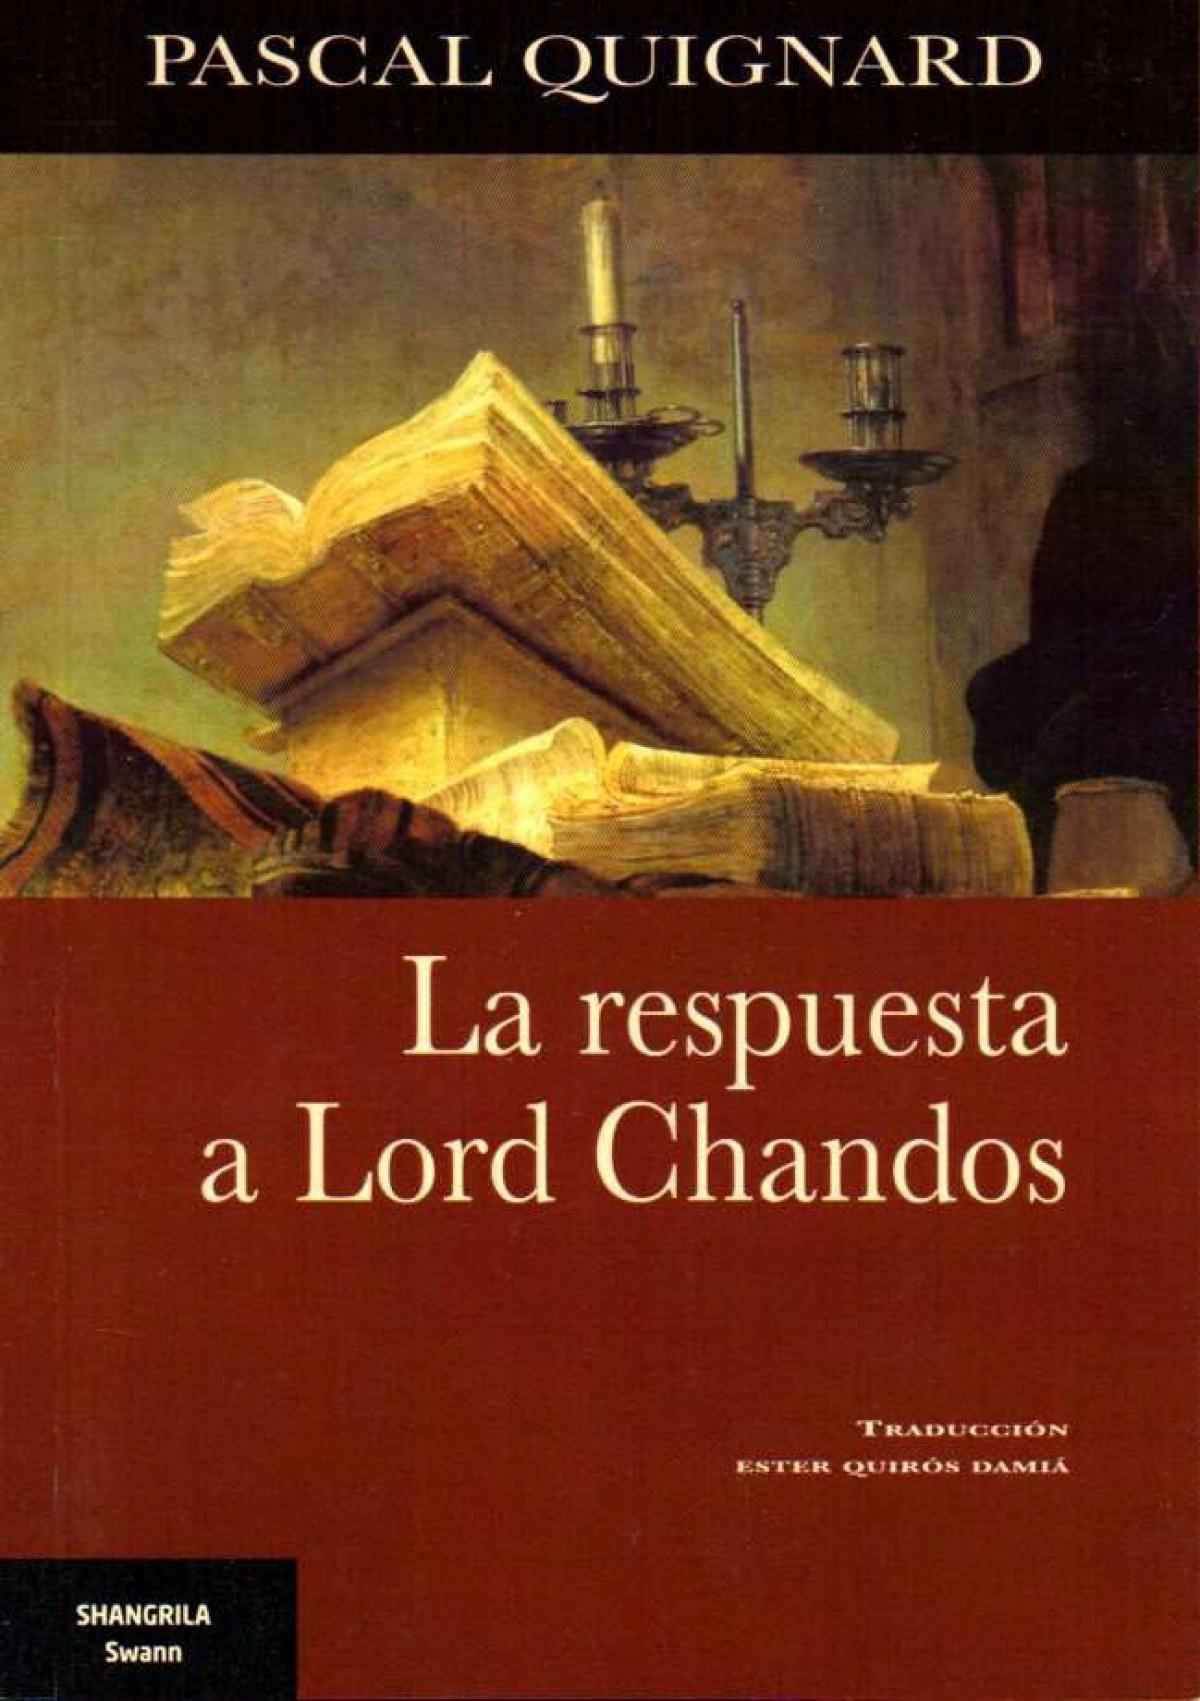 La respuesta a Lord Chandos